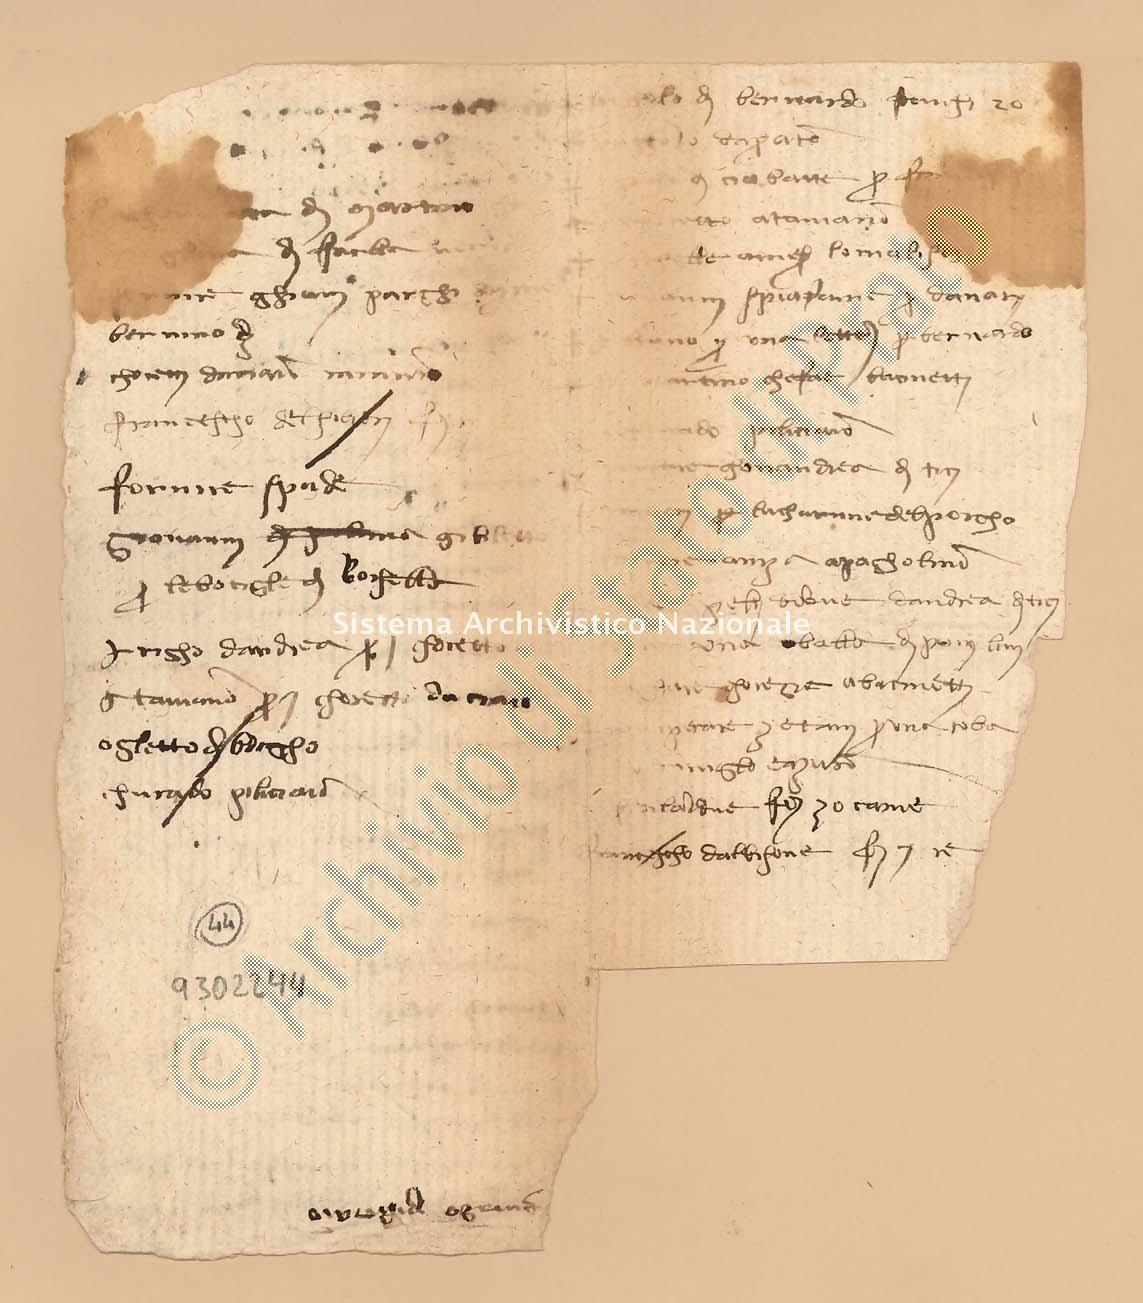 Archivio di Stato di Prato, Fondo Datini, Carteggio specializzato, Ricordanze, Busta 1166 (busta 1166, codice 9302244)